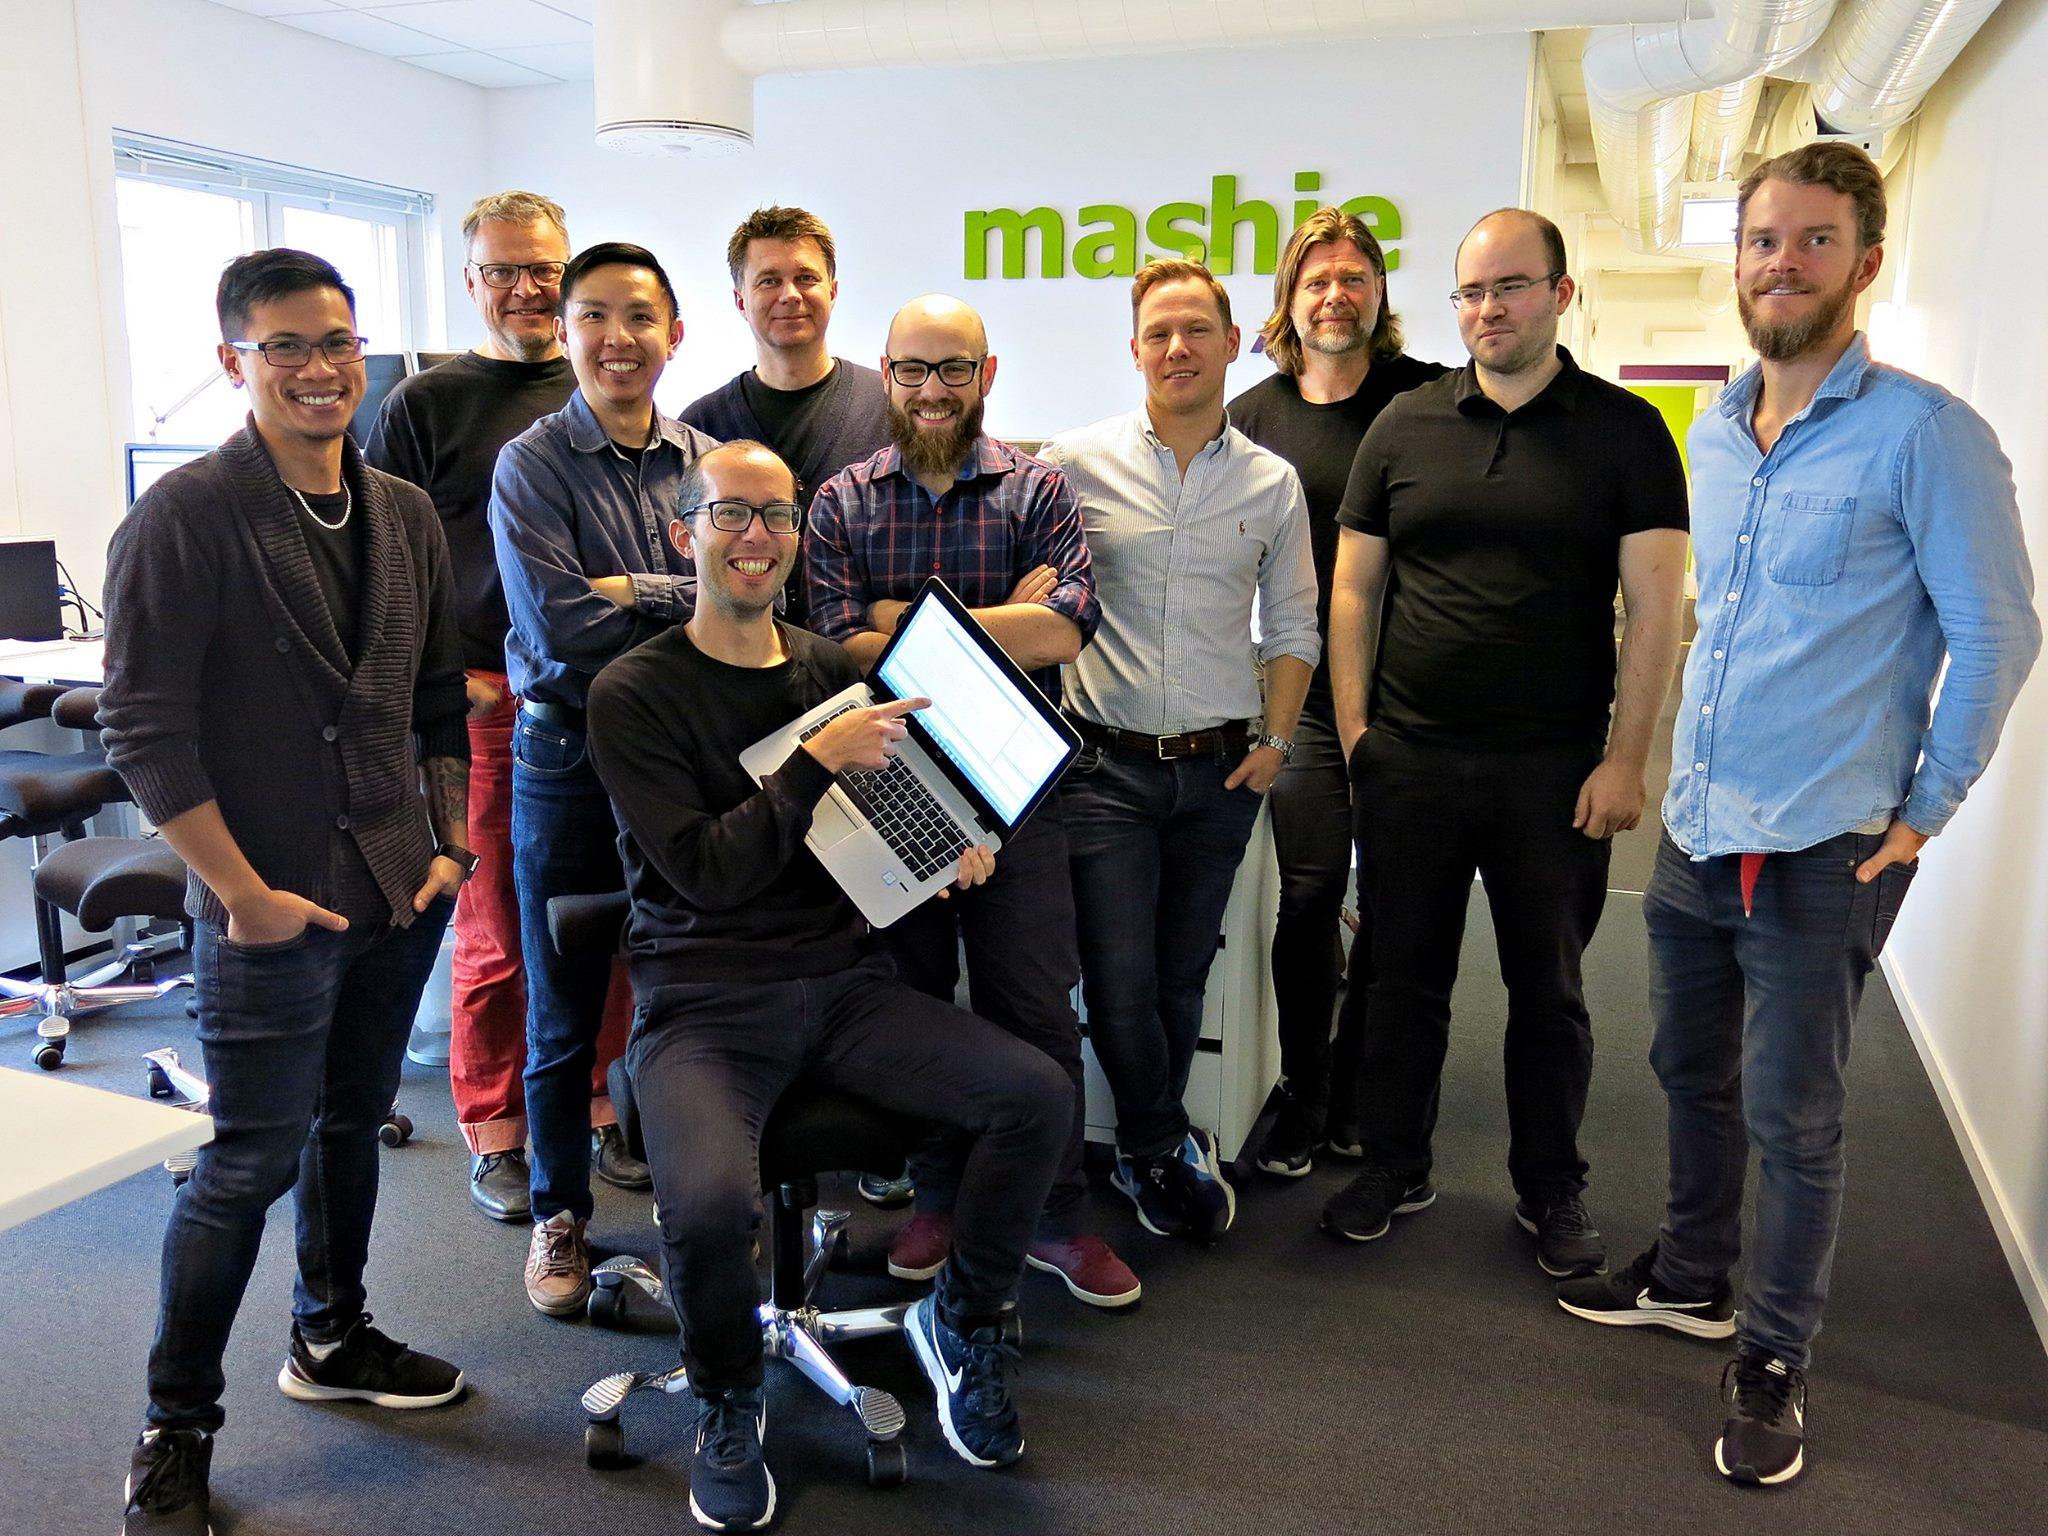 Mashie använder PulsMeter för att öka engagemang och affärsresultat